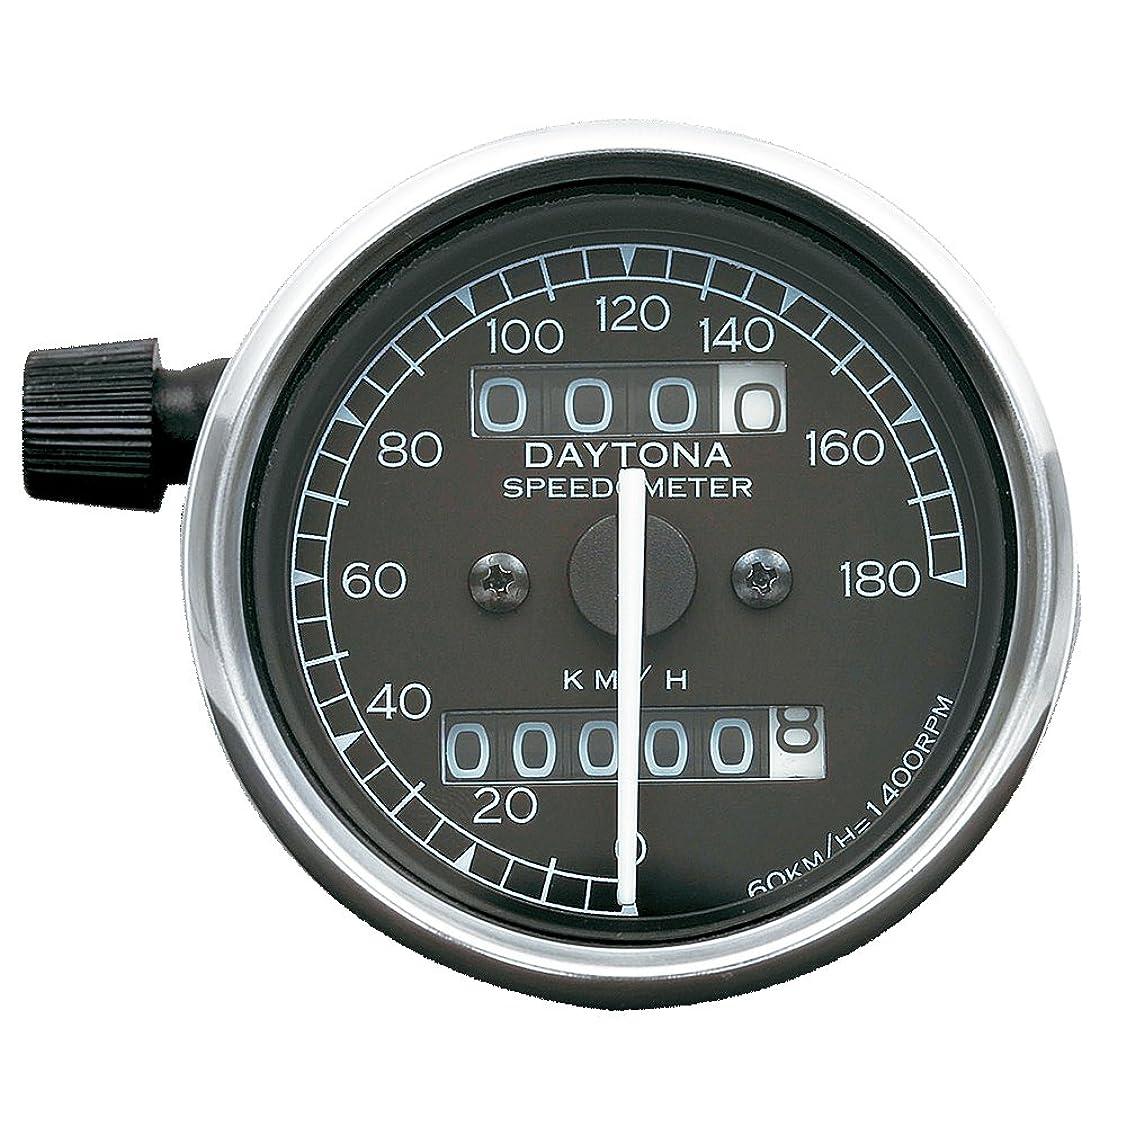 好きできればみがきます2301 hb ゴリラ モンキー ATV ズーマー 機械式 LED タコメーター